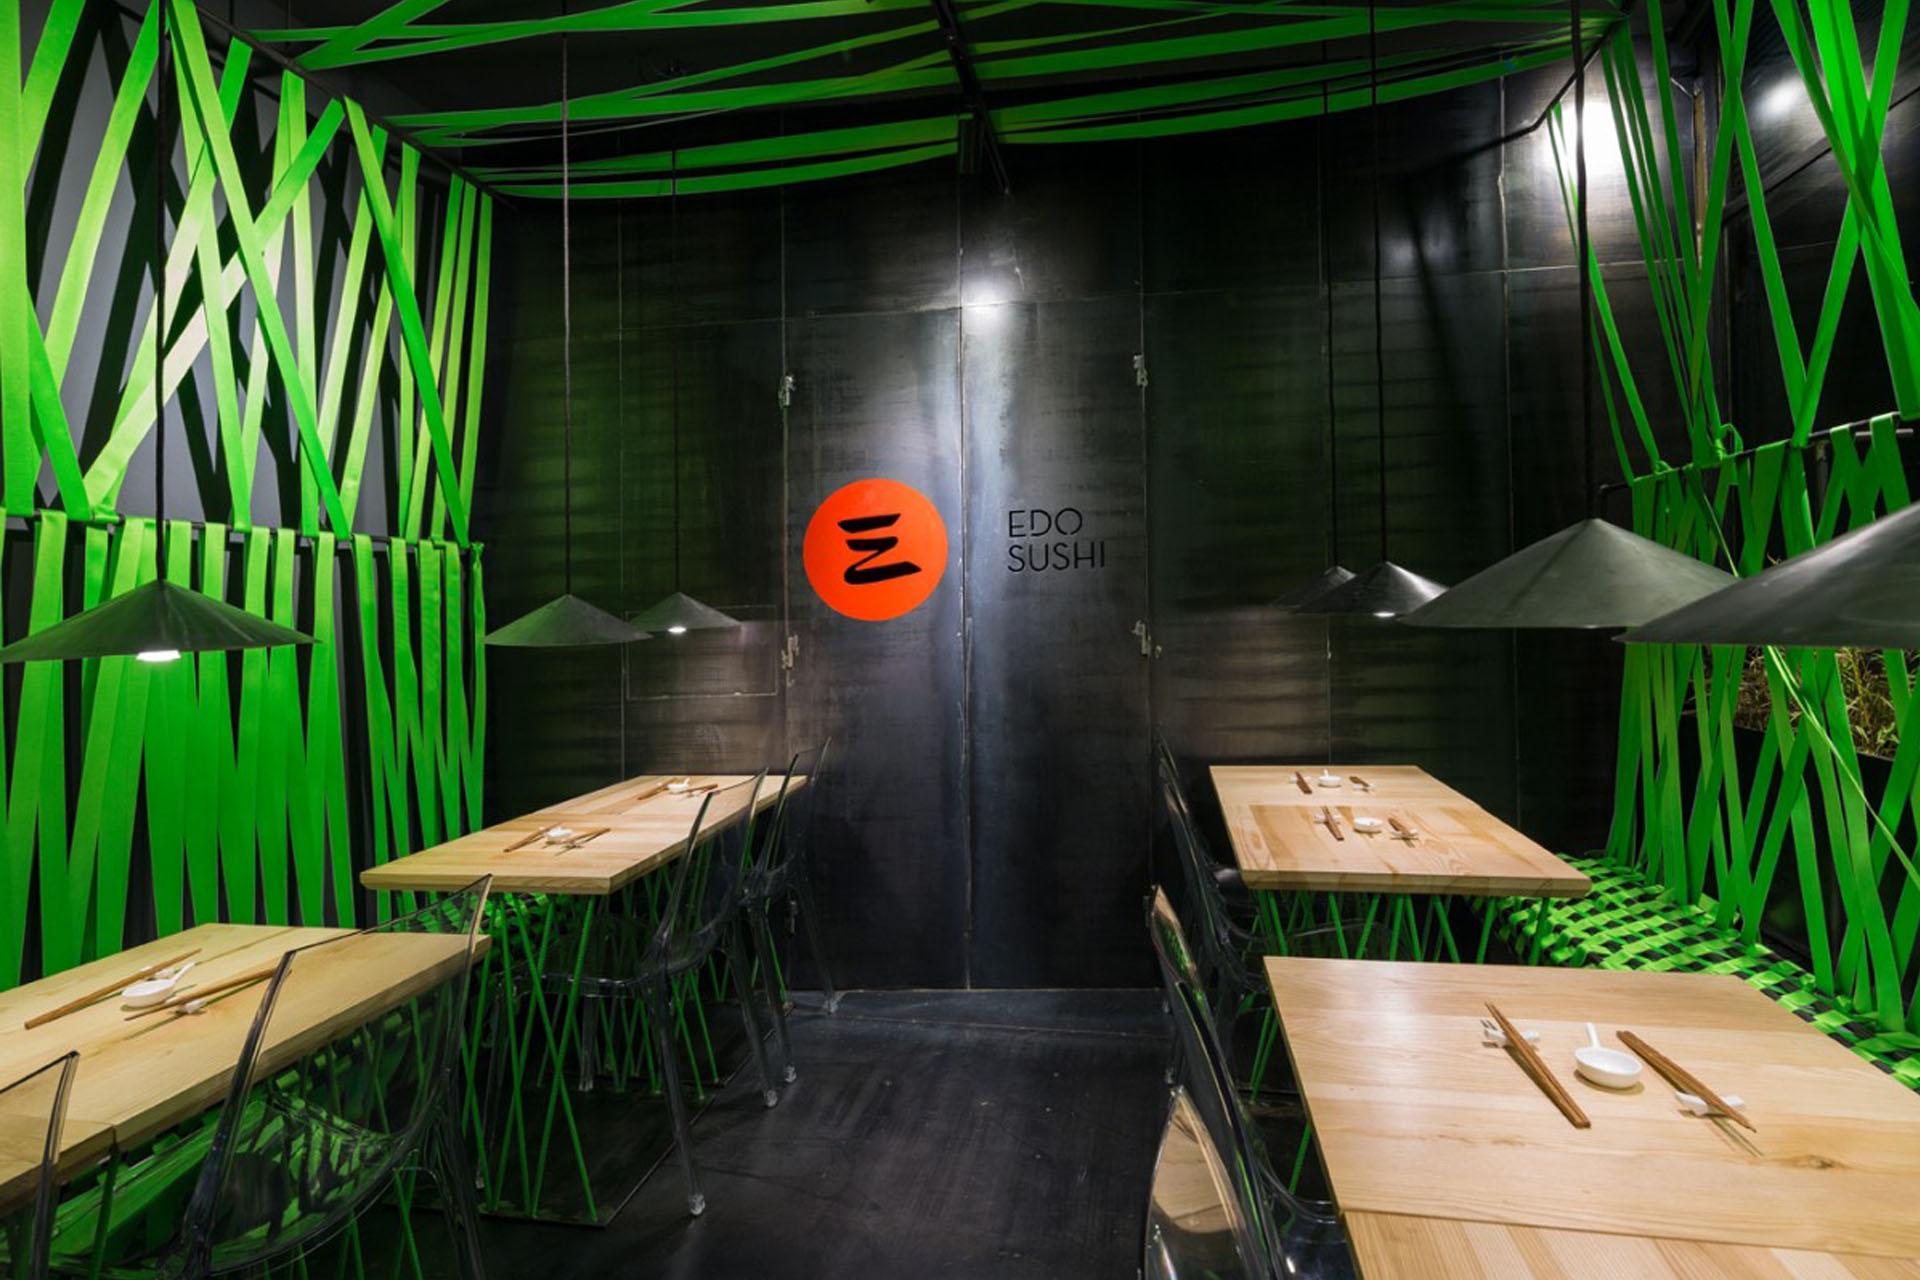 edo_sushi_bar_japonez_cavaleria_ro_specific